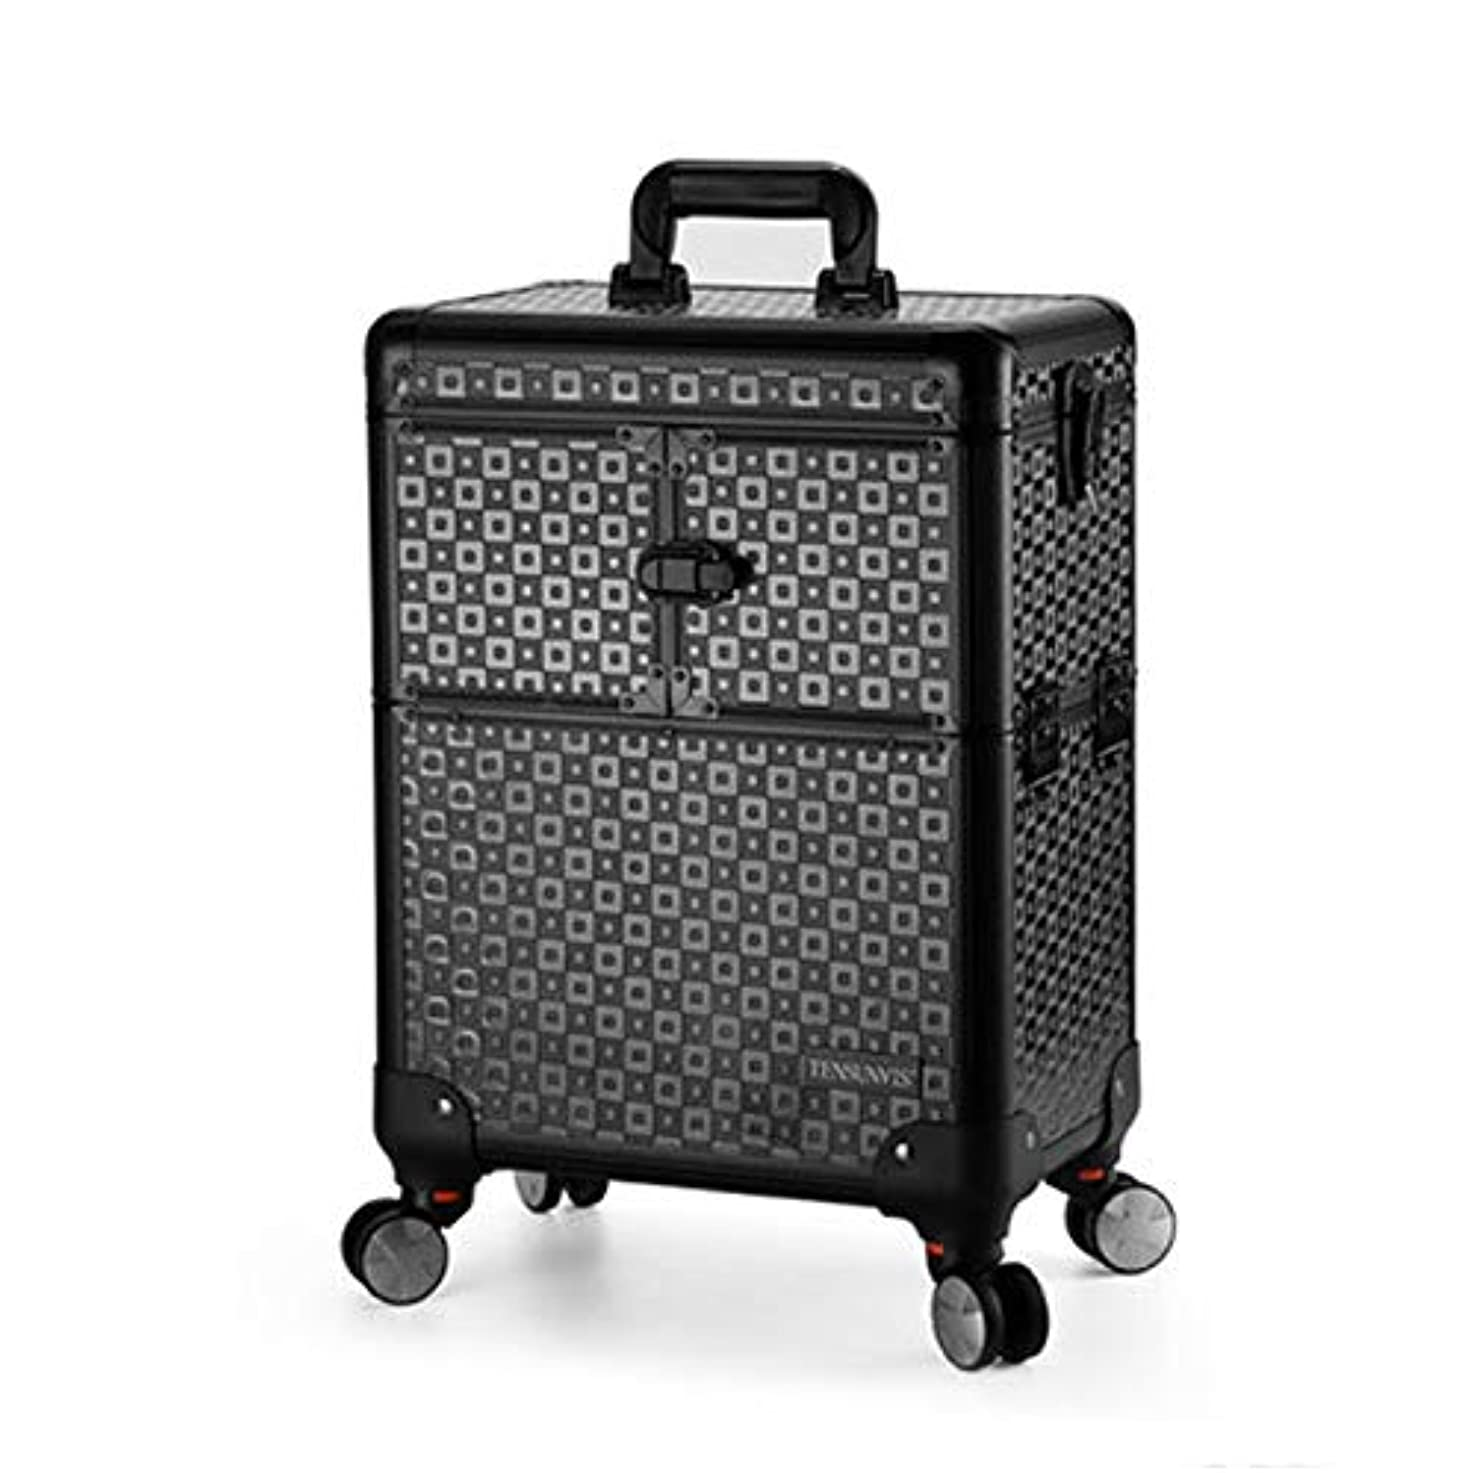 付ける著名なヨーグルトプロ専用 美容師 クローゼット スーツケース メイクボックス キャリーバッグ ヘアメイク プロ 大容量 軽量 高品質 多機能 I-TT-4622-TB-T